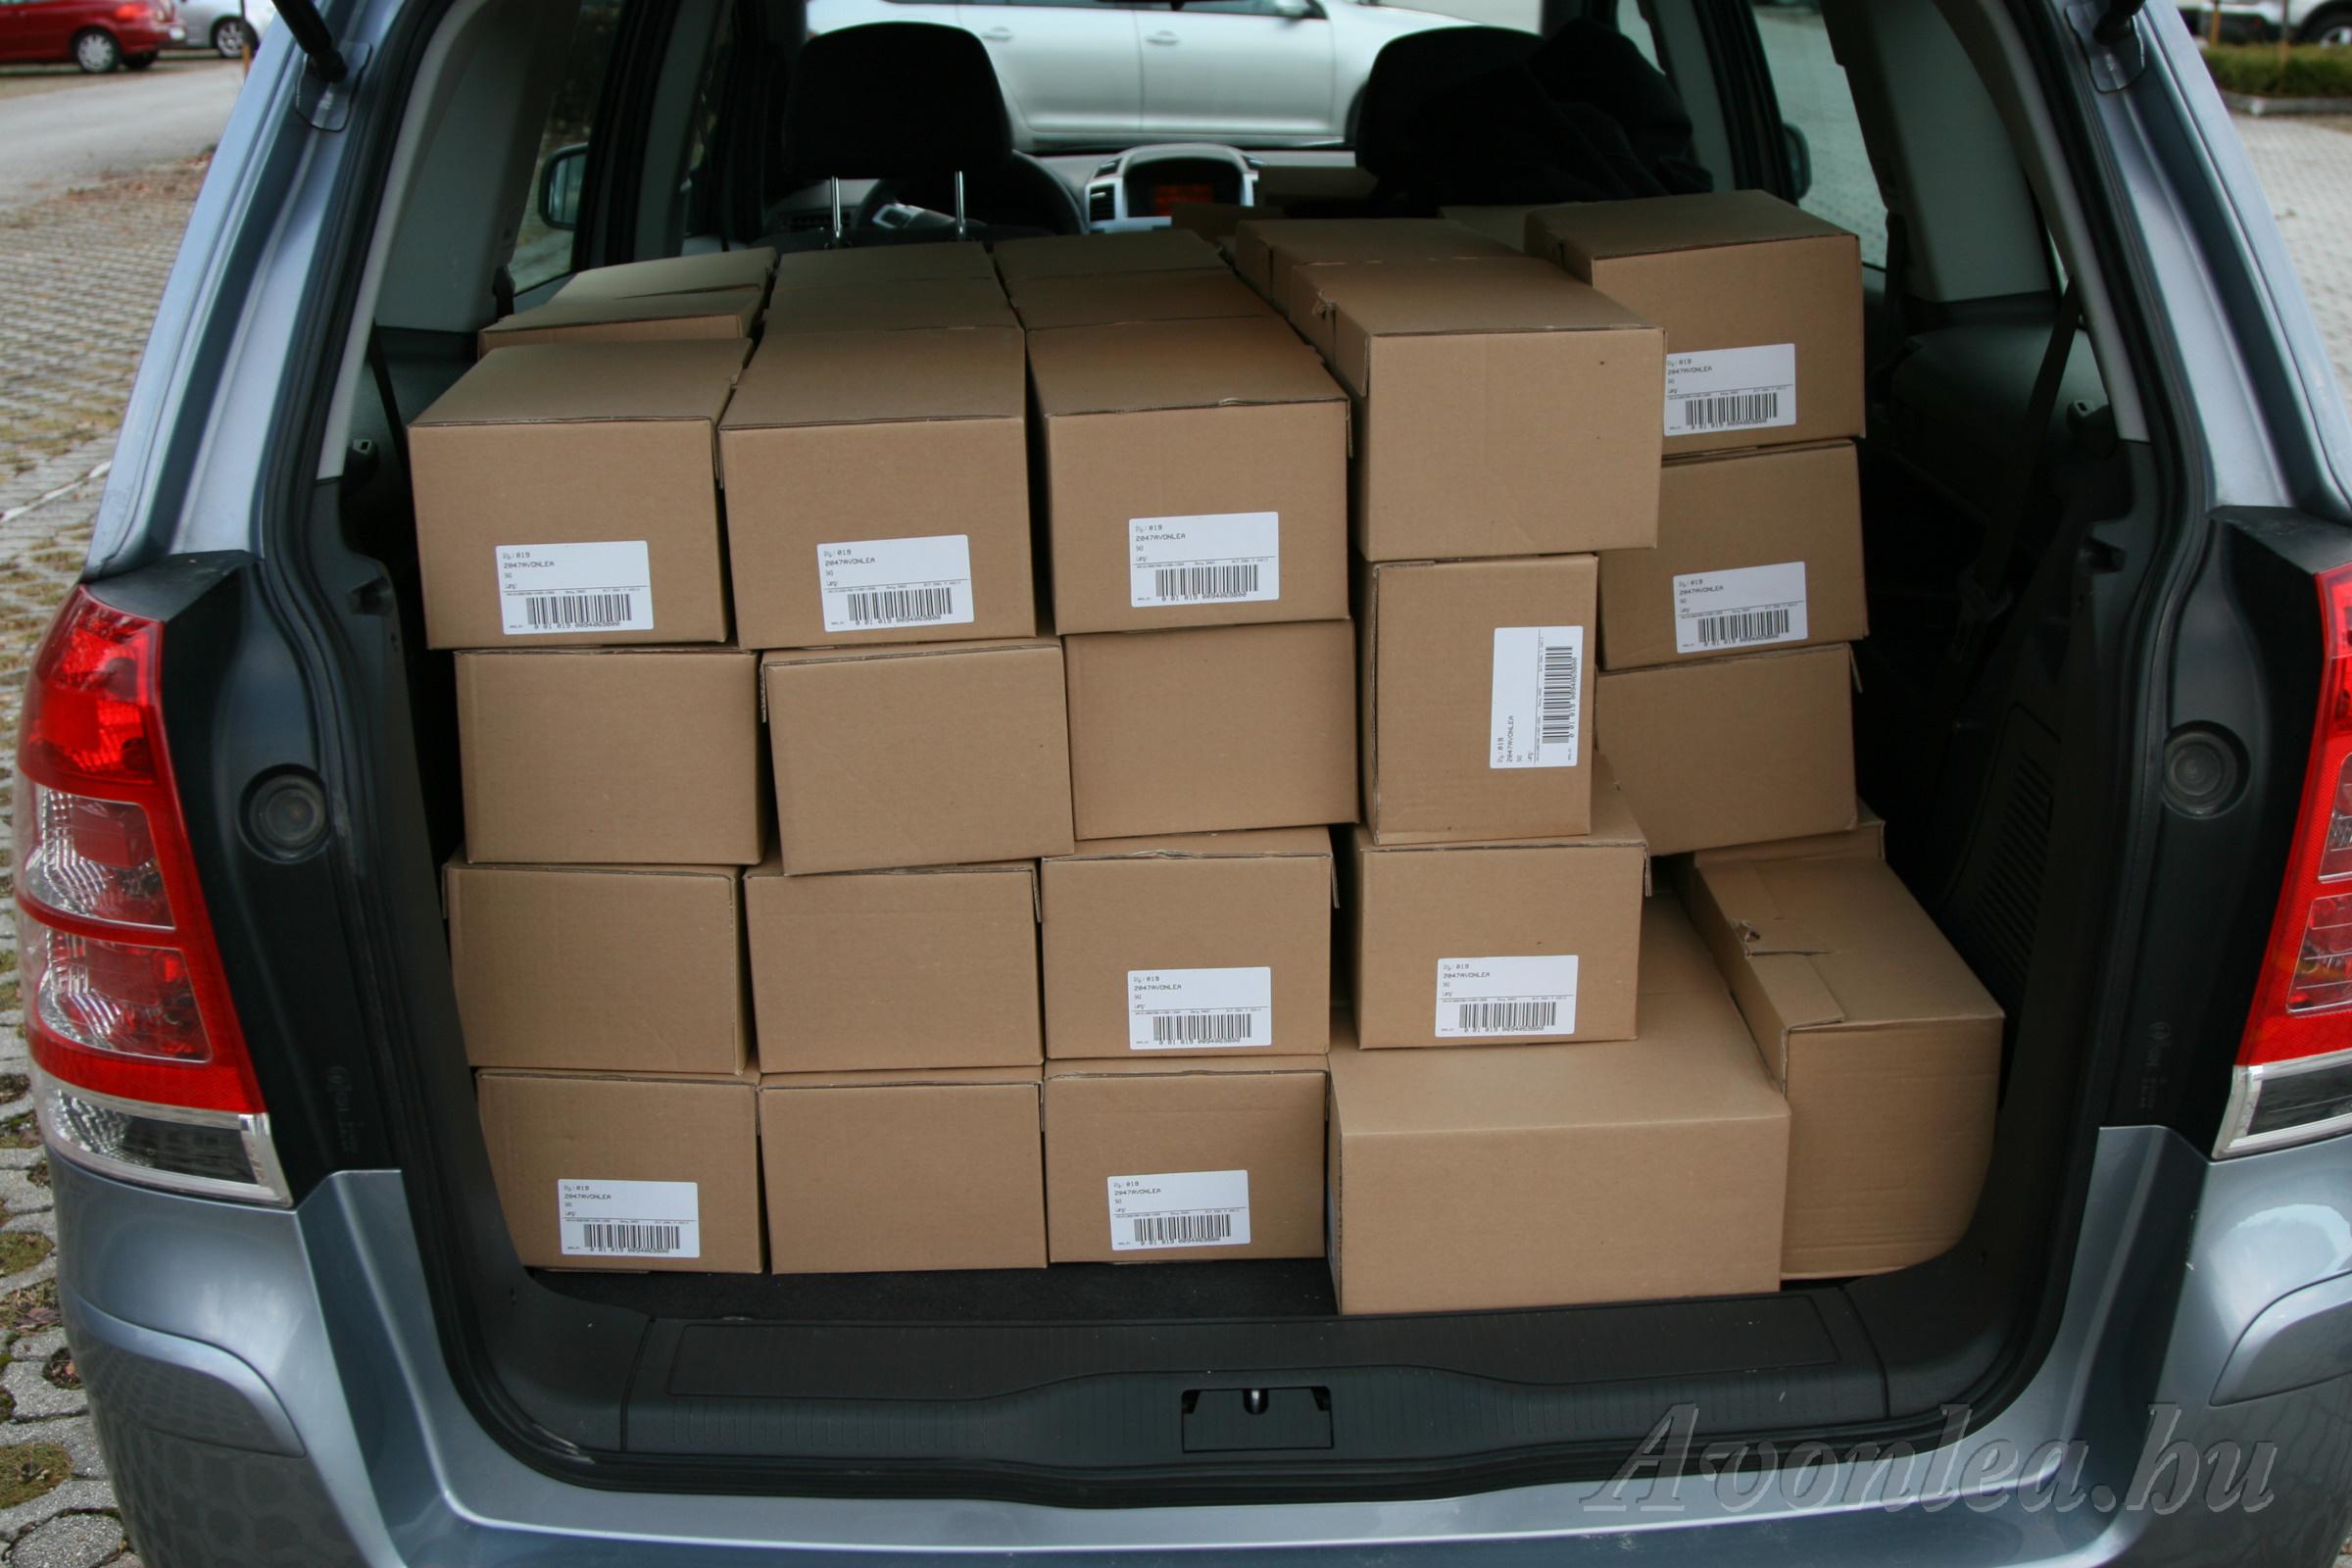 A VU DVD-k a dobozokban vannak